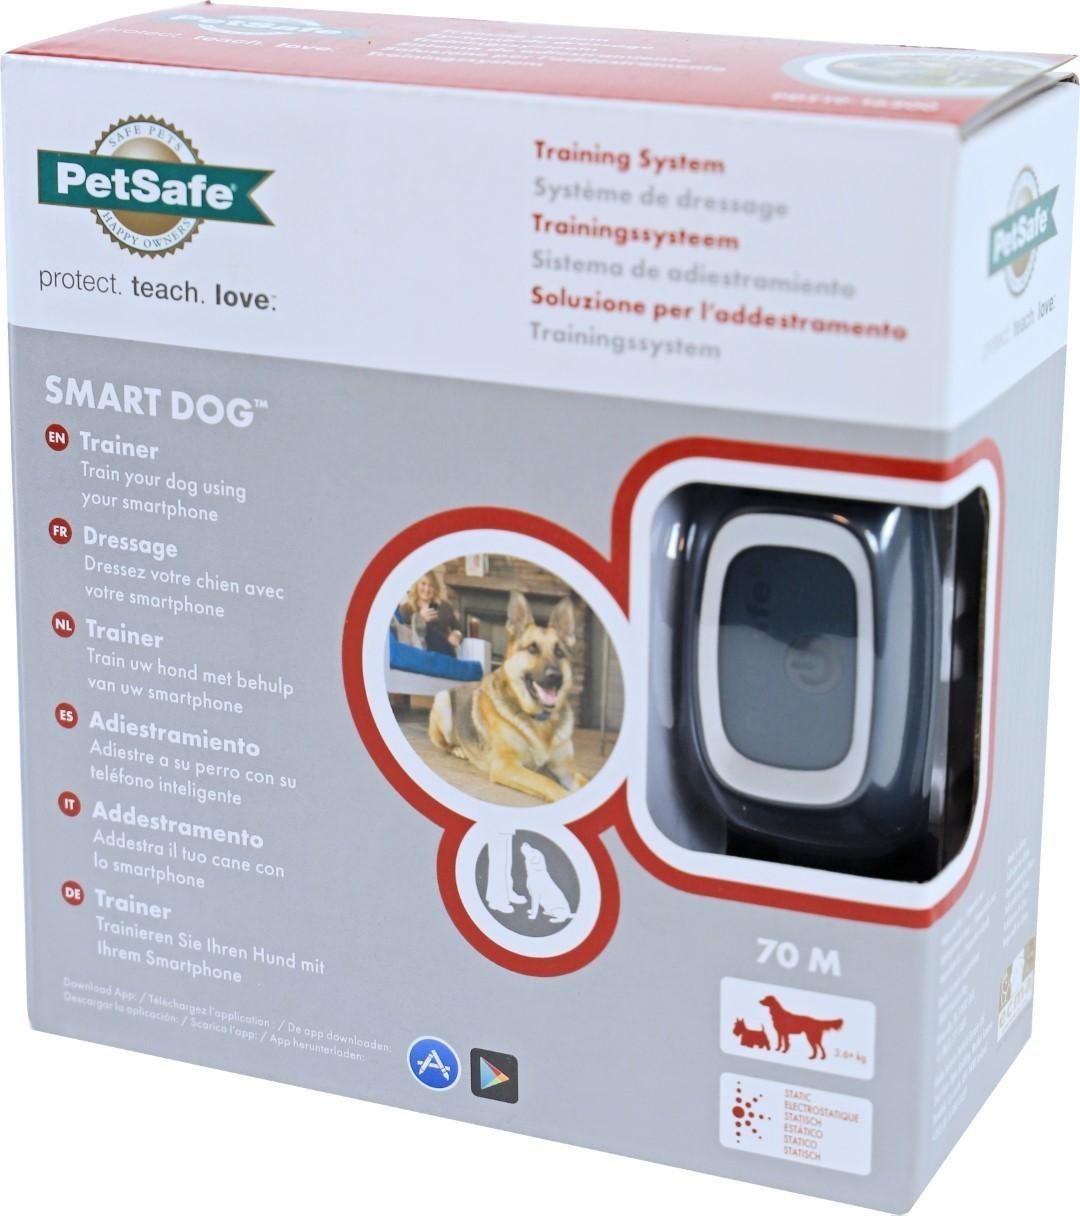 PetSafe Smart Dog trainer 70 meter PDT19-16200